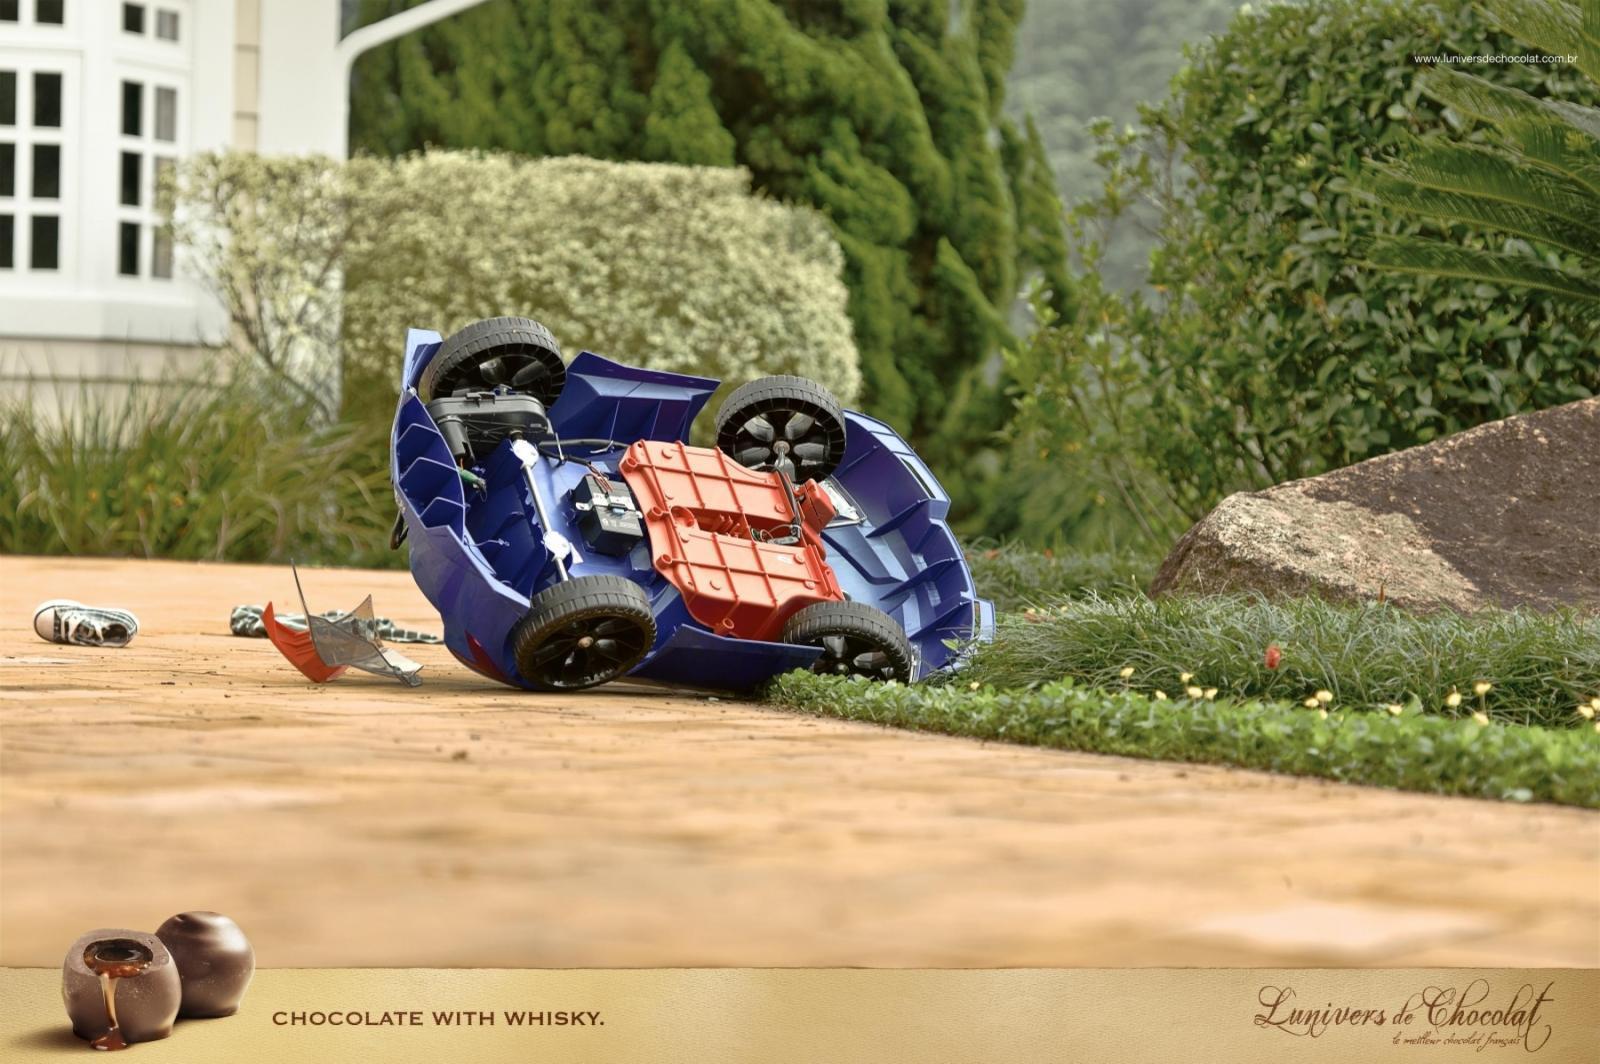 L'Univers de Chocolat Print Ad -  Car Accident